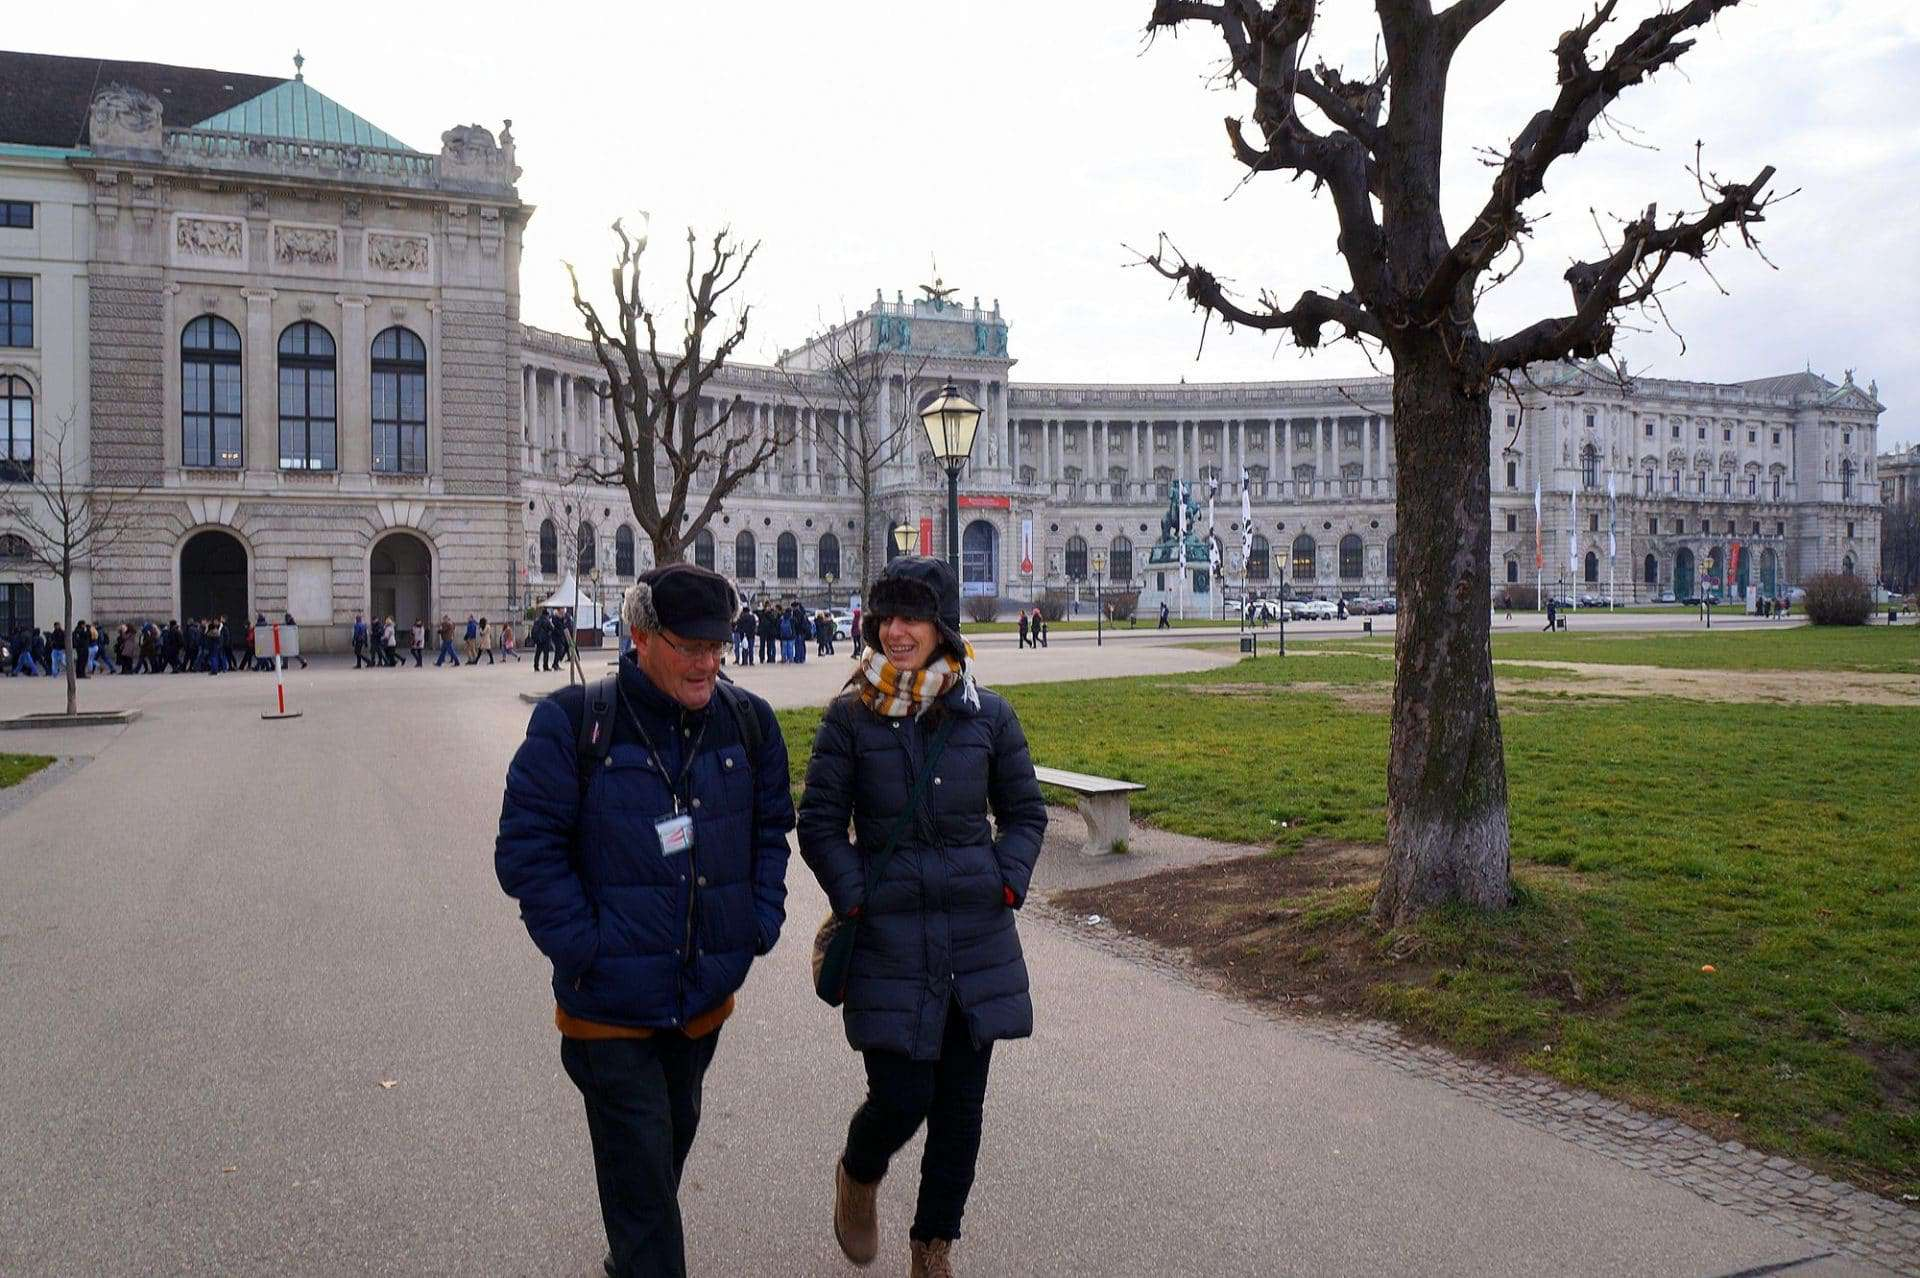 Visita guidata di Vienna in italiano: tour privati e di gruppo a piedi e in bus